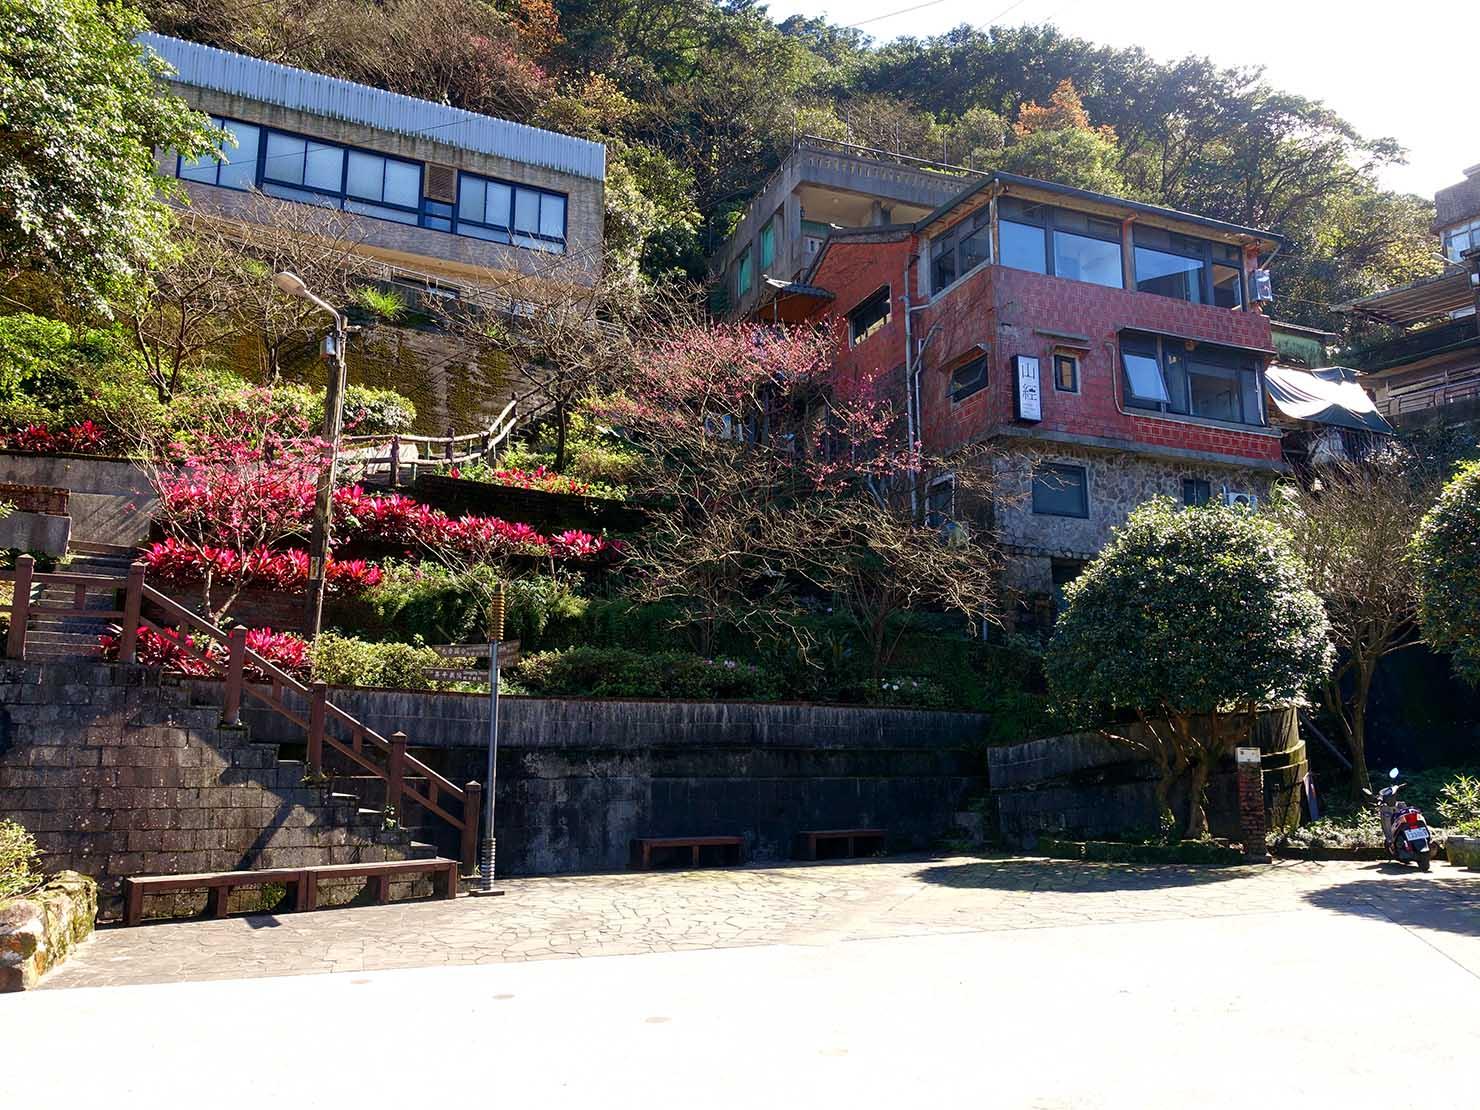 台北・九份の輕便路にある福住社區門前の広場